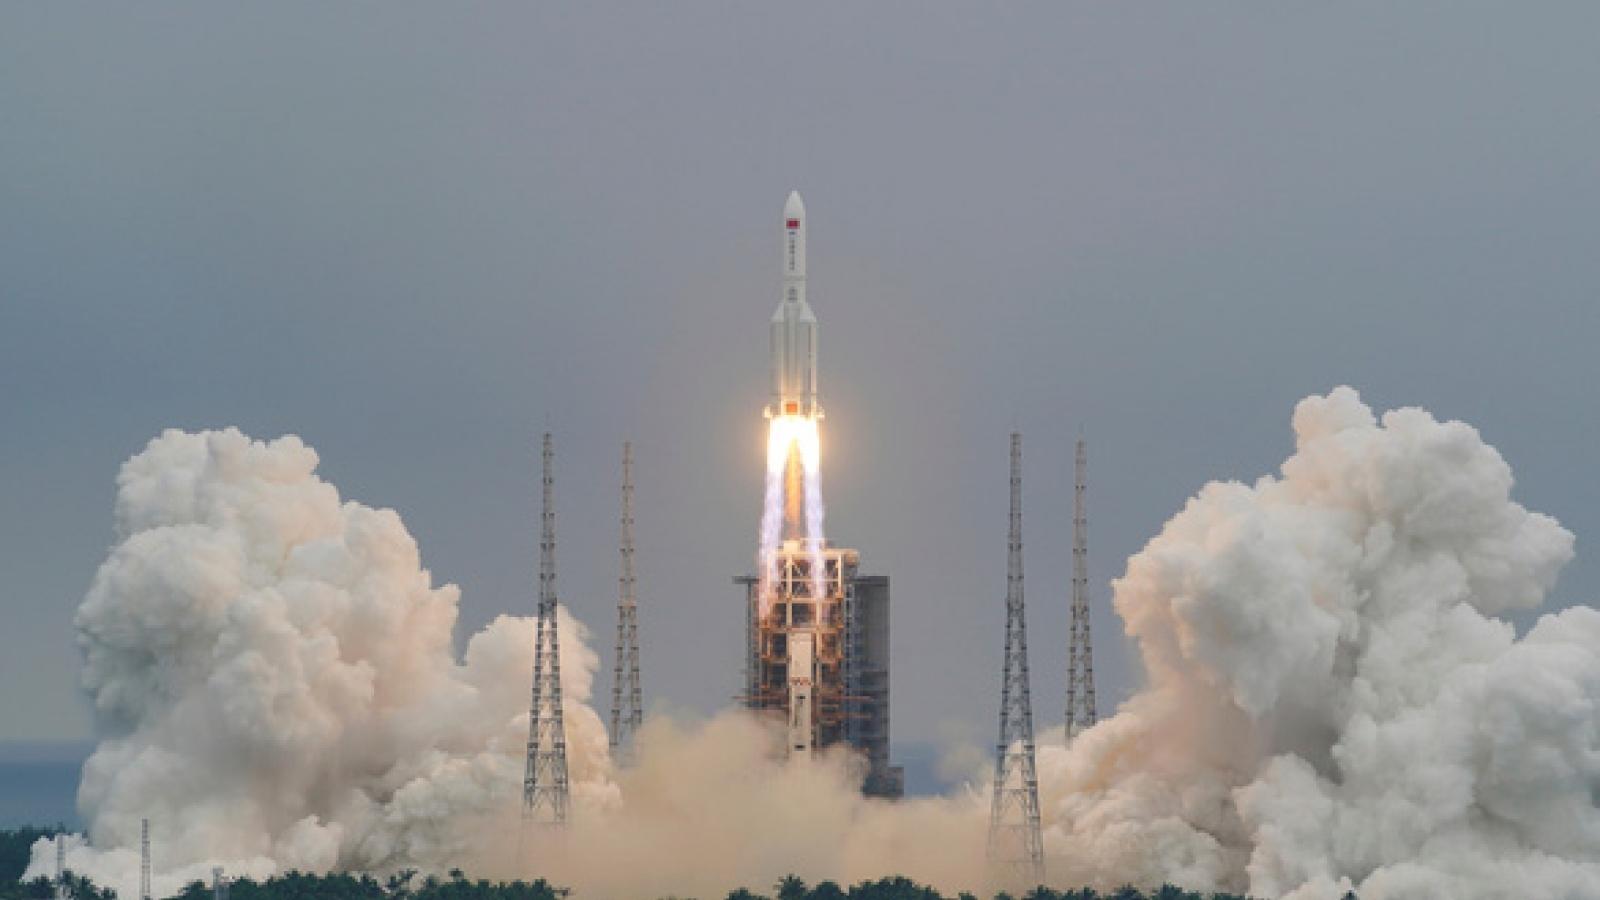 Mảnh vỡ tên lửa Trường Chinh 5B của Trung Quốc rơi xuống Ấn Độ Dương